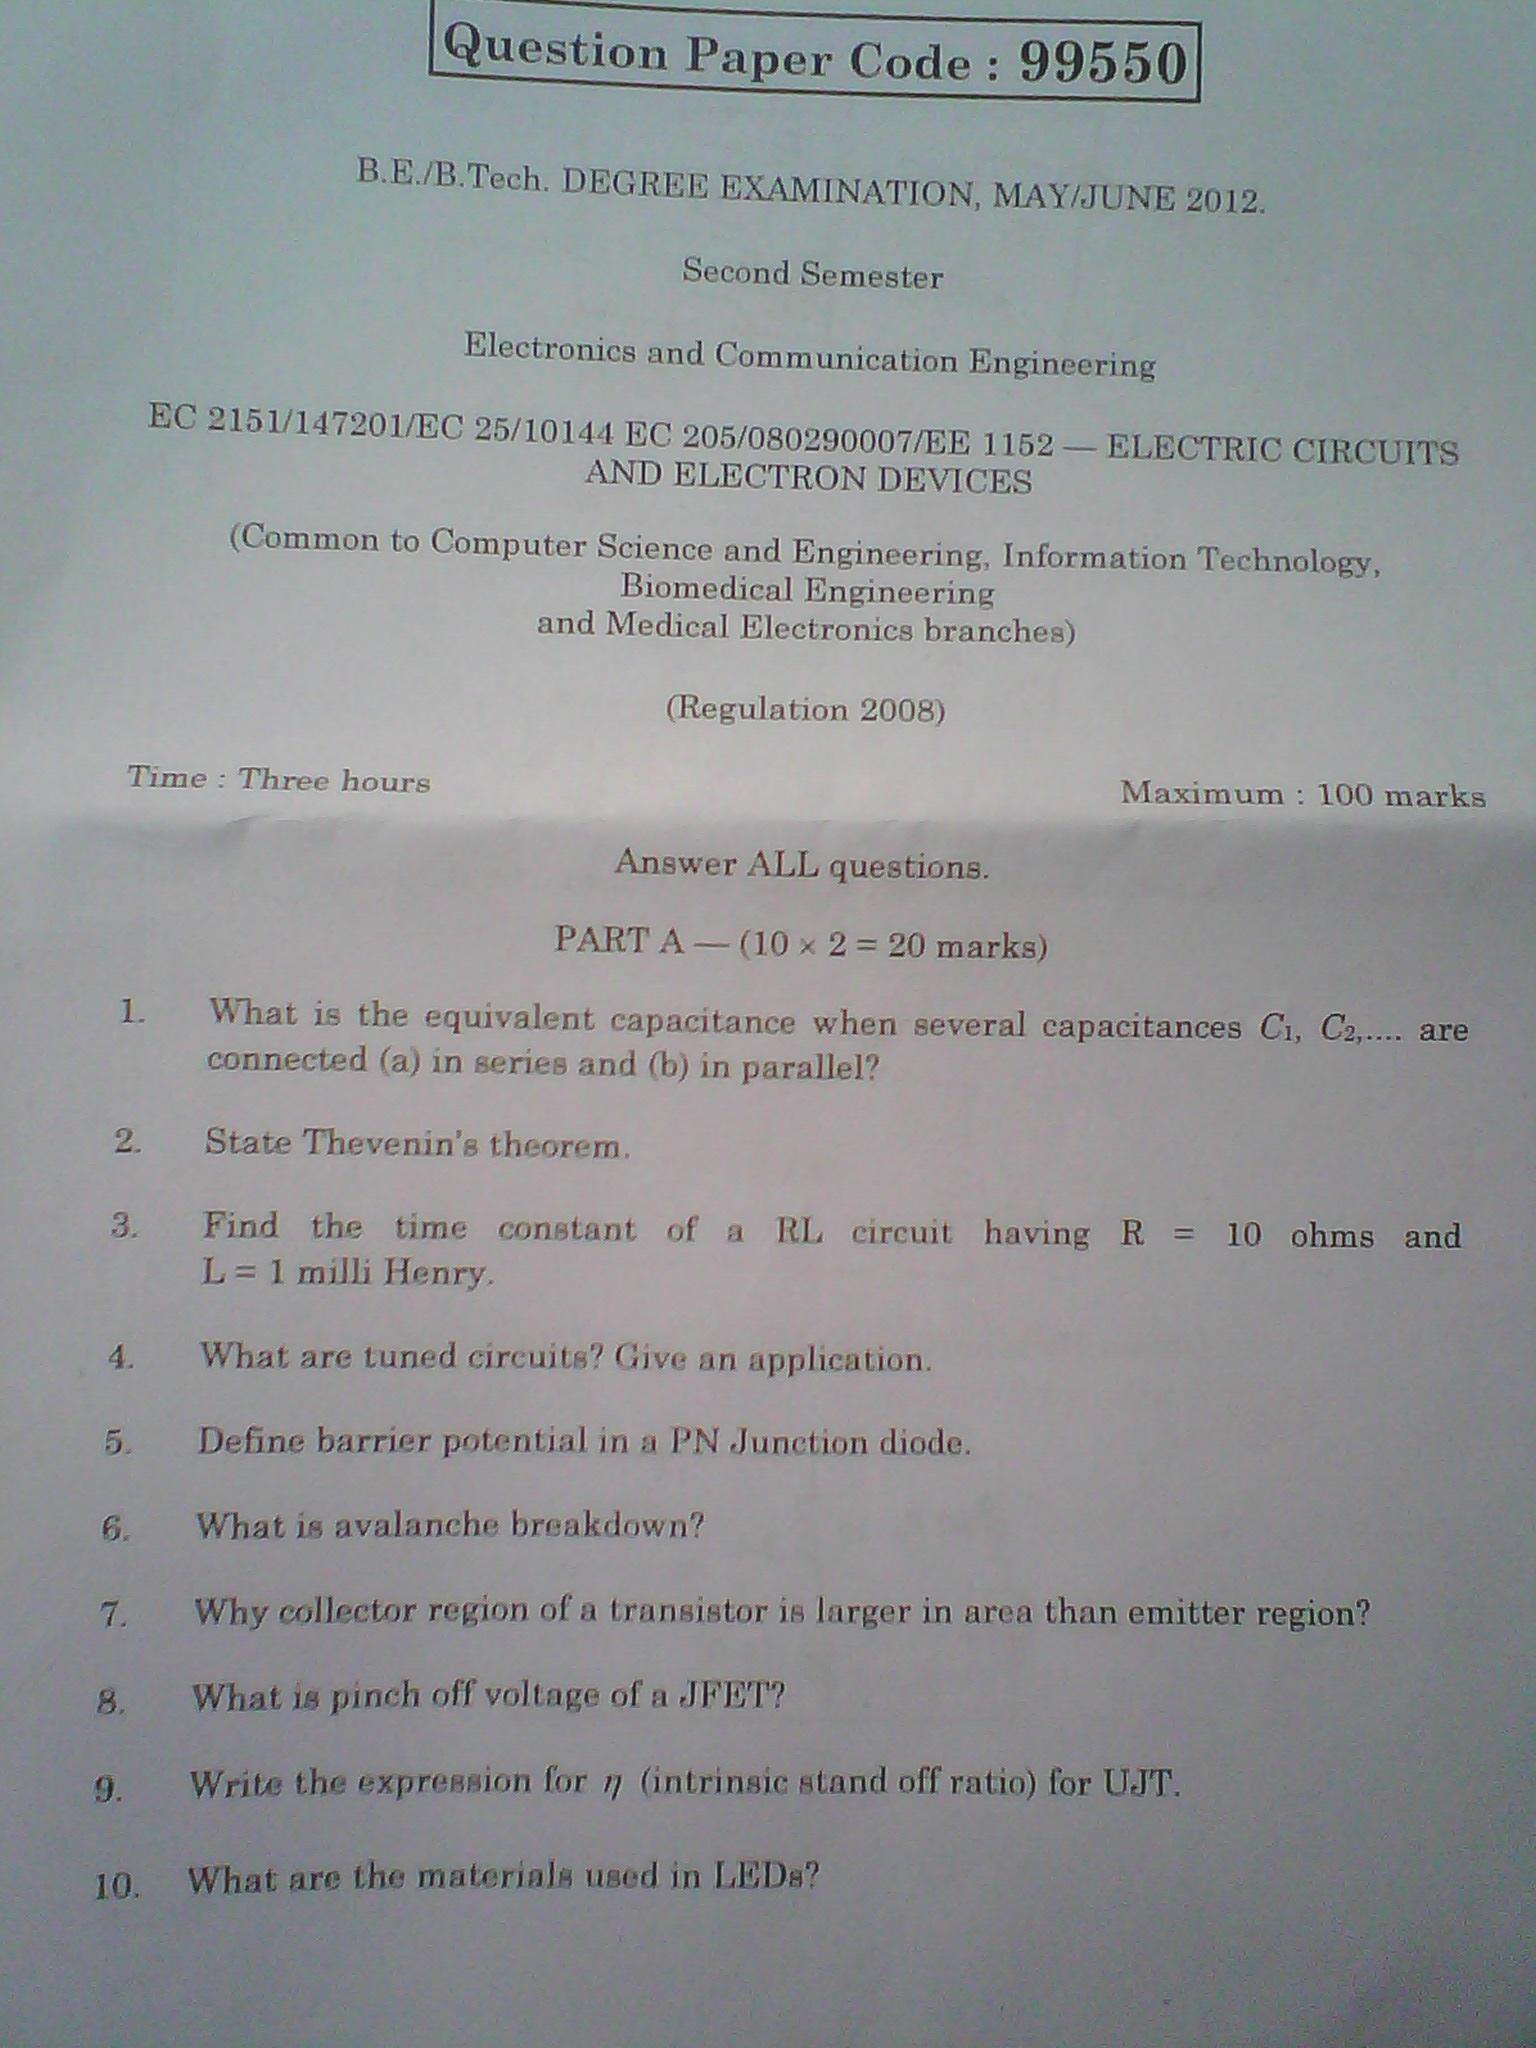 anna university chennai b e b tech degree examination, may june